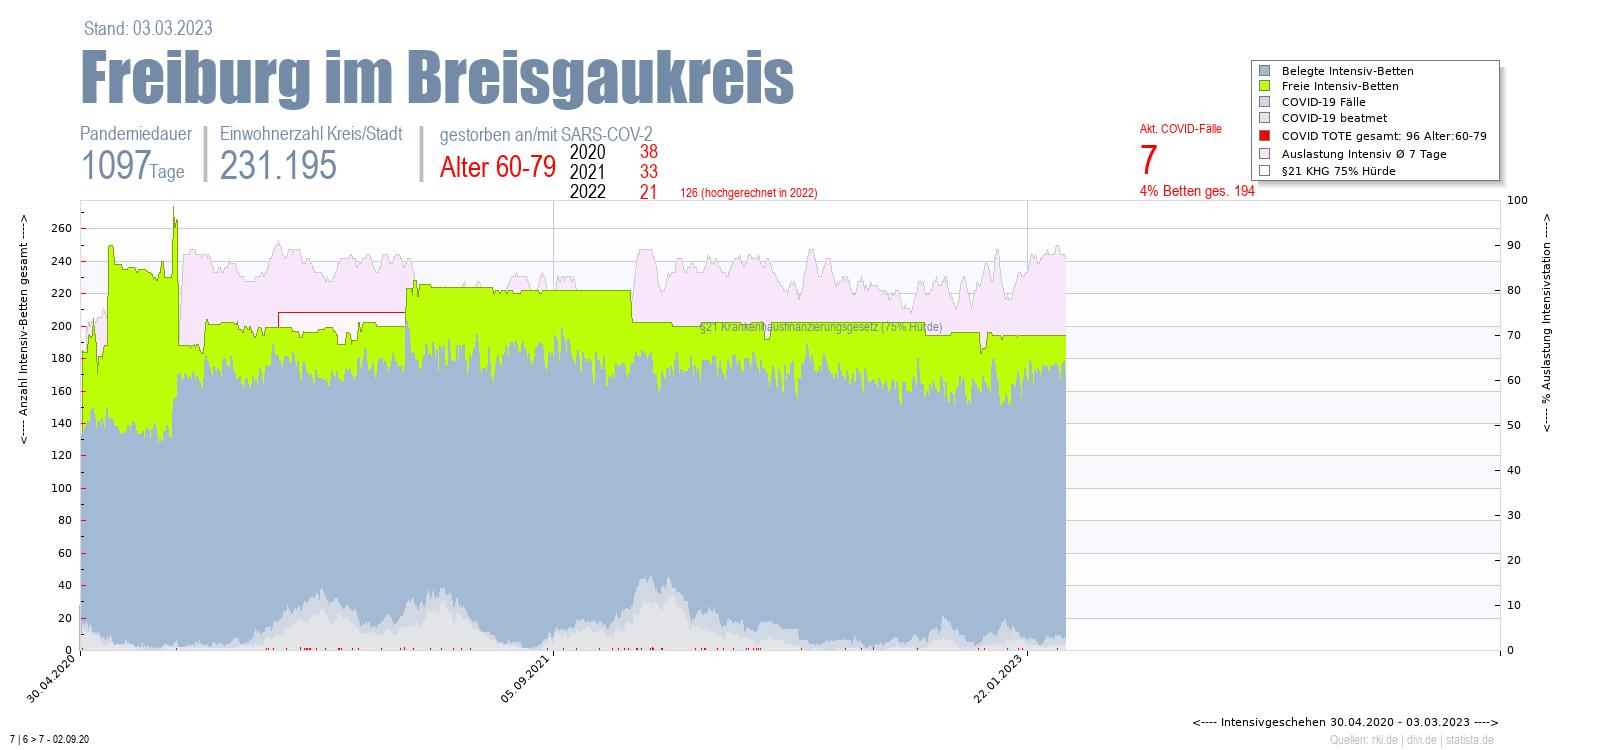 Intensivstation Auslastung Freiburg im Breisgaukreis Alter 0-4